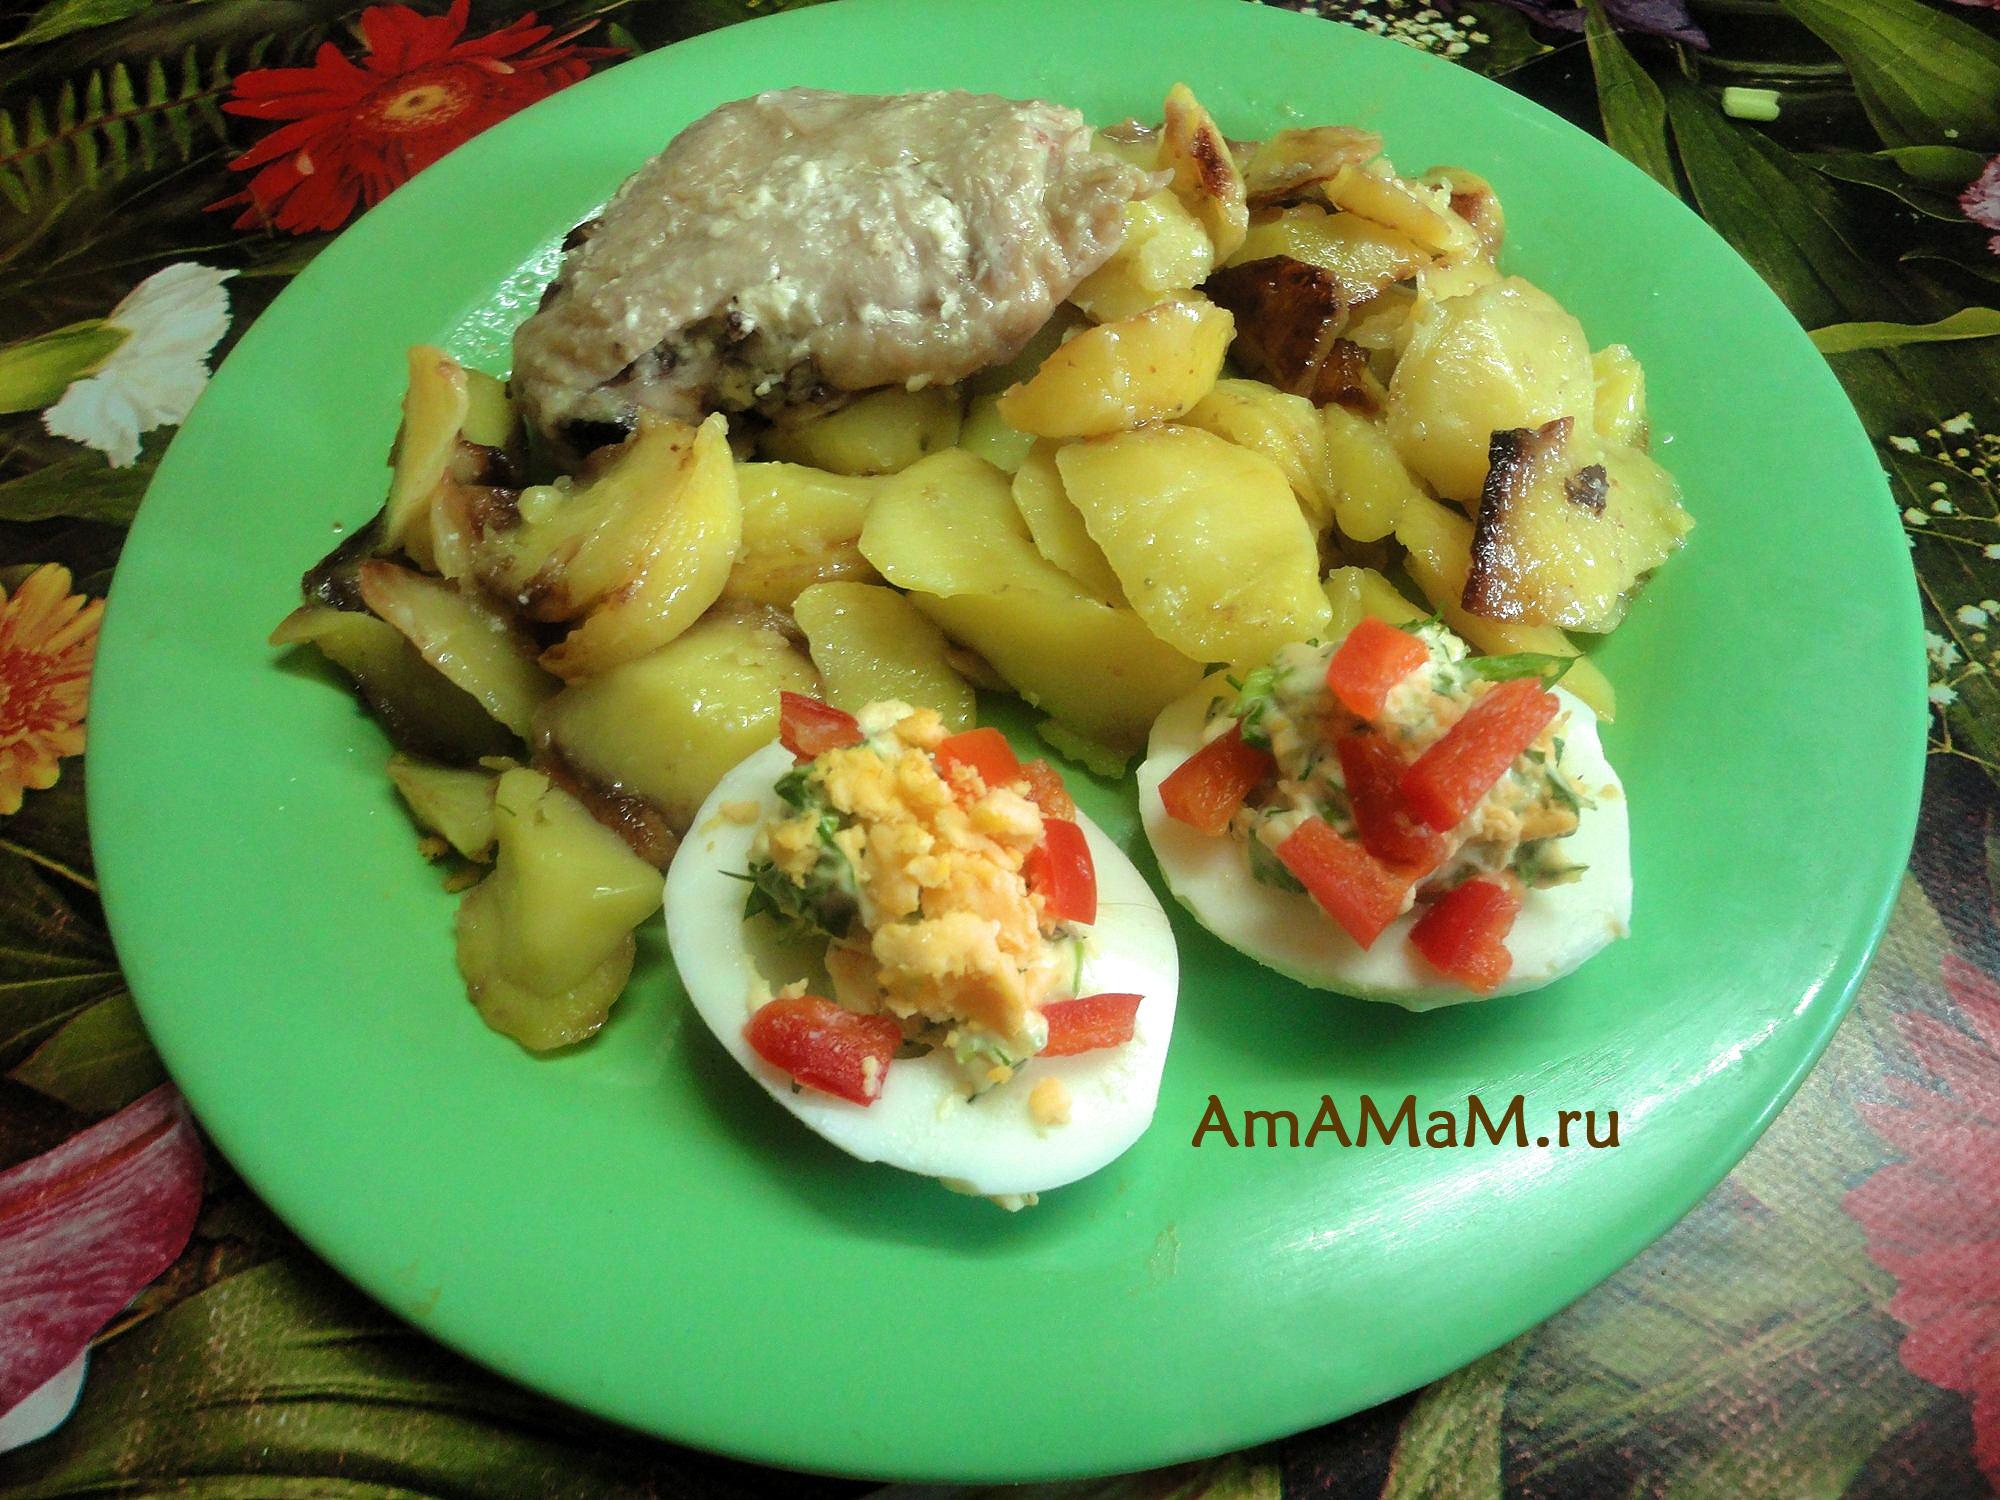 Яйца с начинкой рецепты с фото